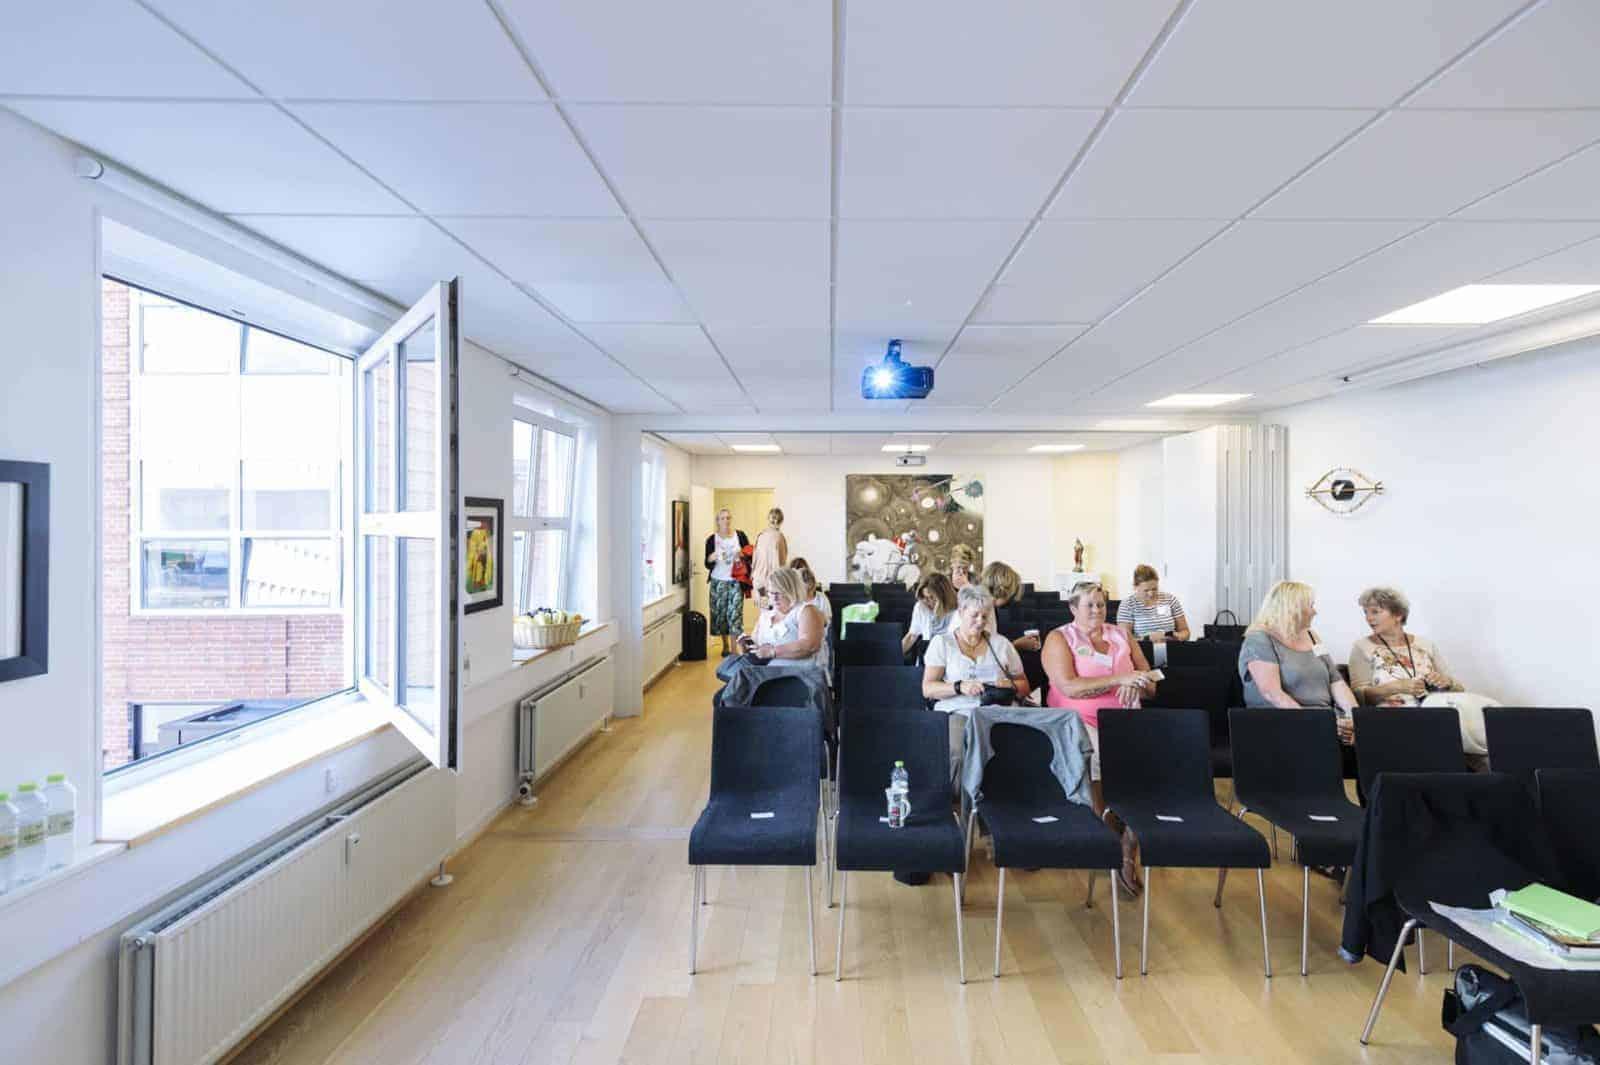 MBK tilbyder Danmarks bedst evaluerede kursuslokaler - med fokus på alle detaljer.